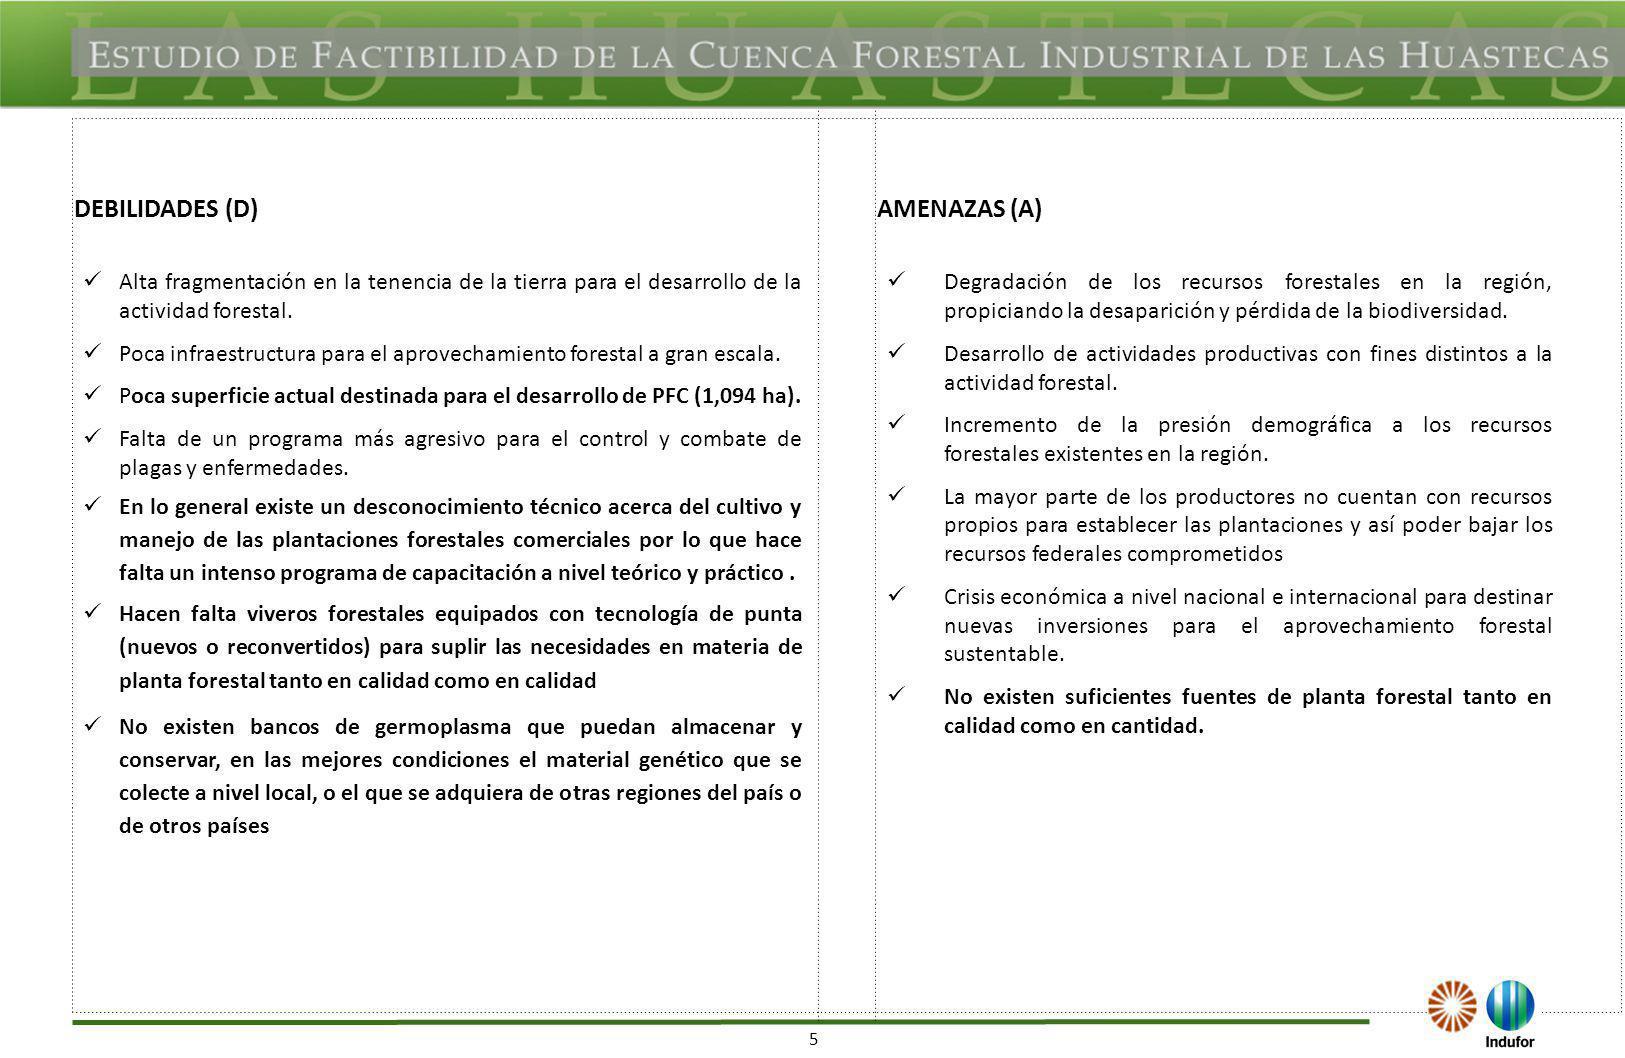 5 DEBILIDADES (D)AMENAZAS (A) Alta fragmentación en la tenencia de la tierra para el desarrollo de la actividad forestal. Poca infraestructura para el